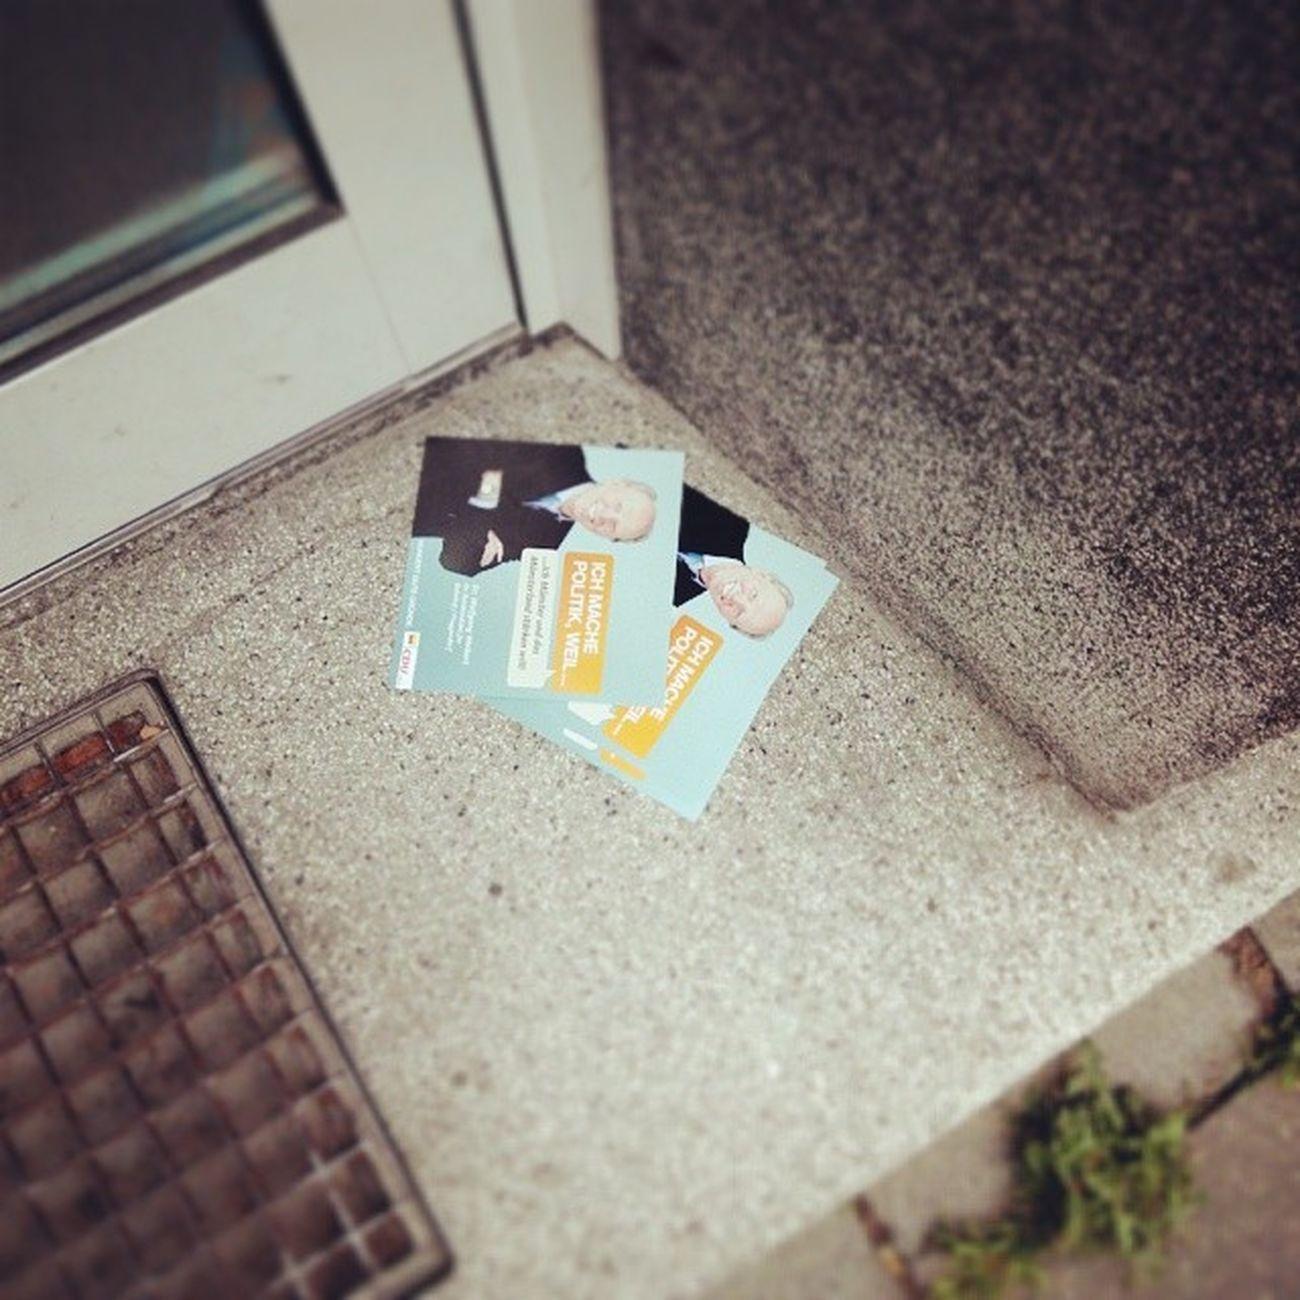 Spitze mit der Wahlwerbung , die einem vor die Tür geworfen und dann vom Winde verweht wird... Cdu Umweltverschmutzung Dreck wahl2014 münster